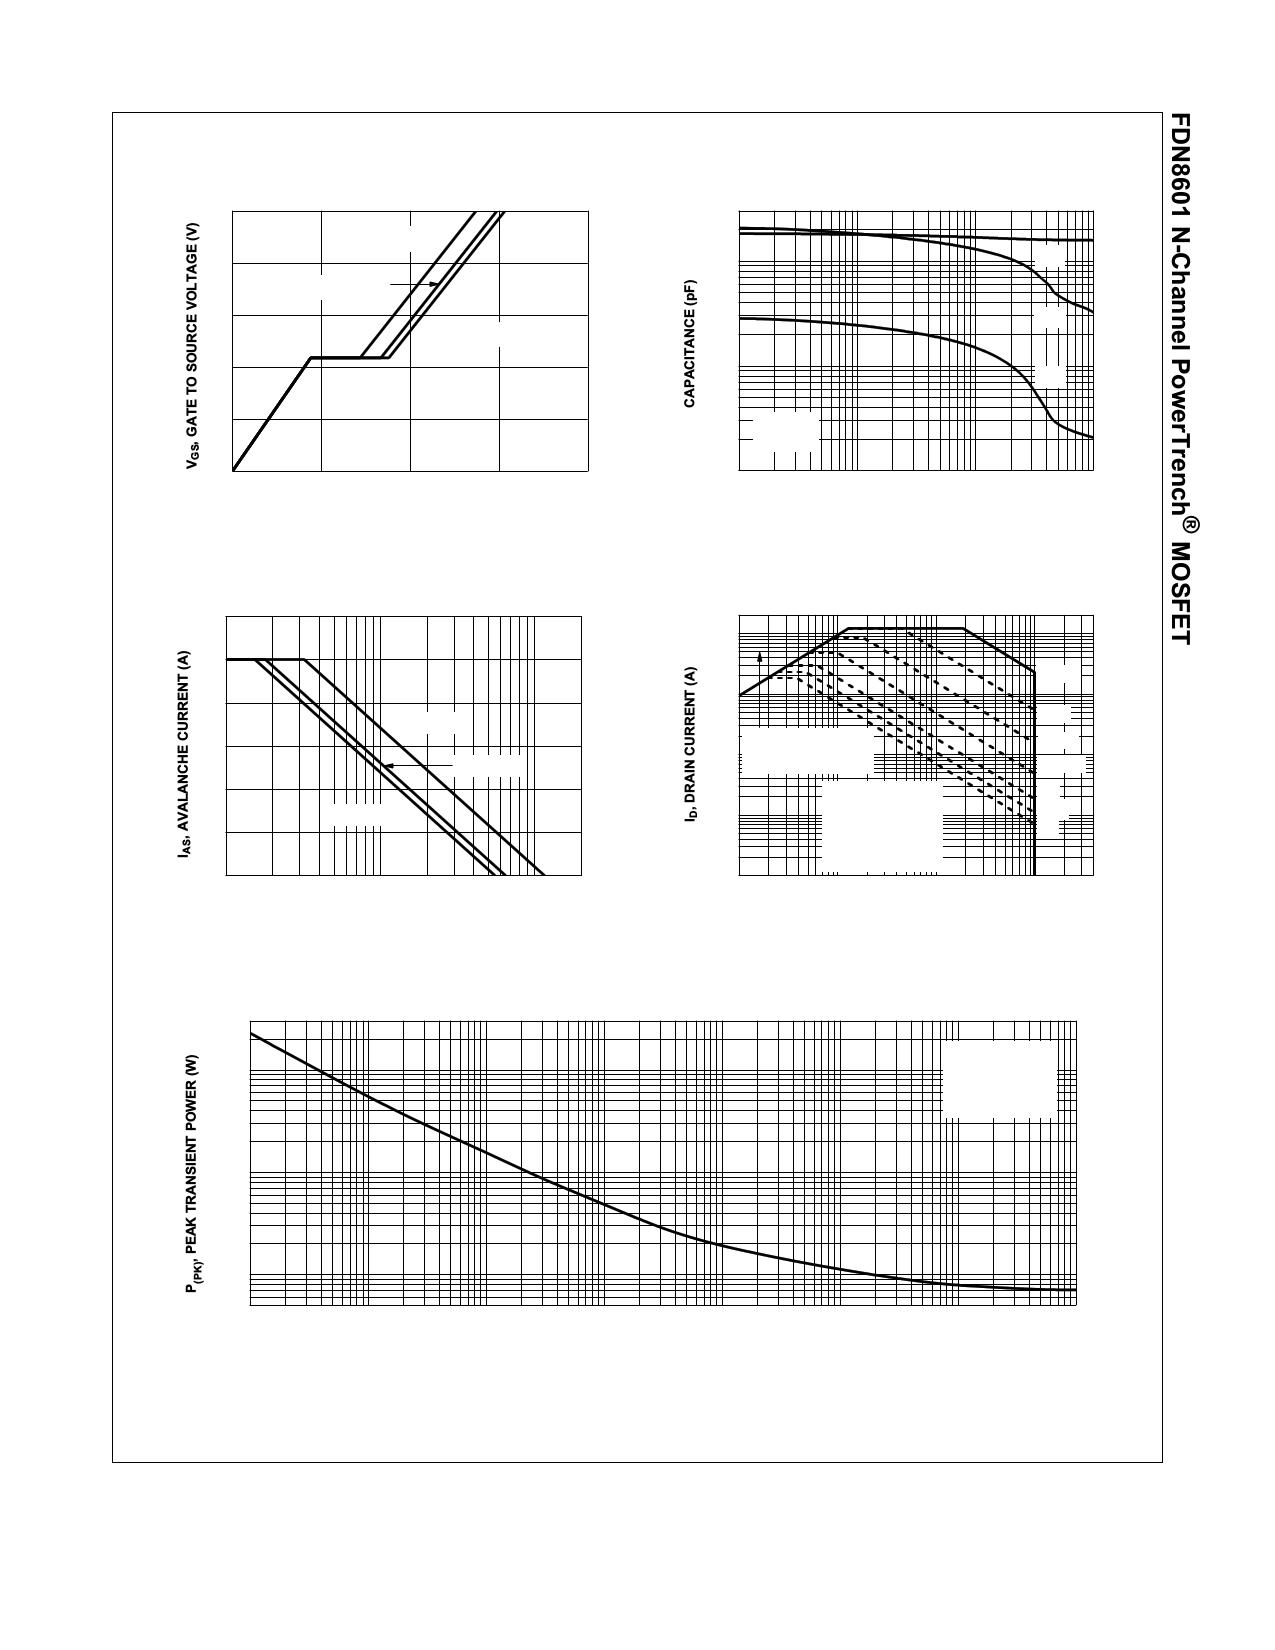 FDN8601 pdf, 반도체, 판매, 대치품